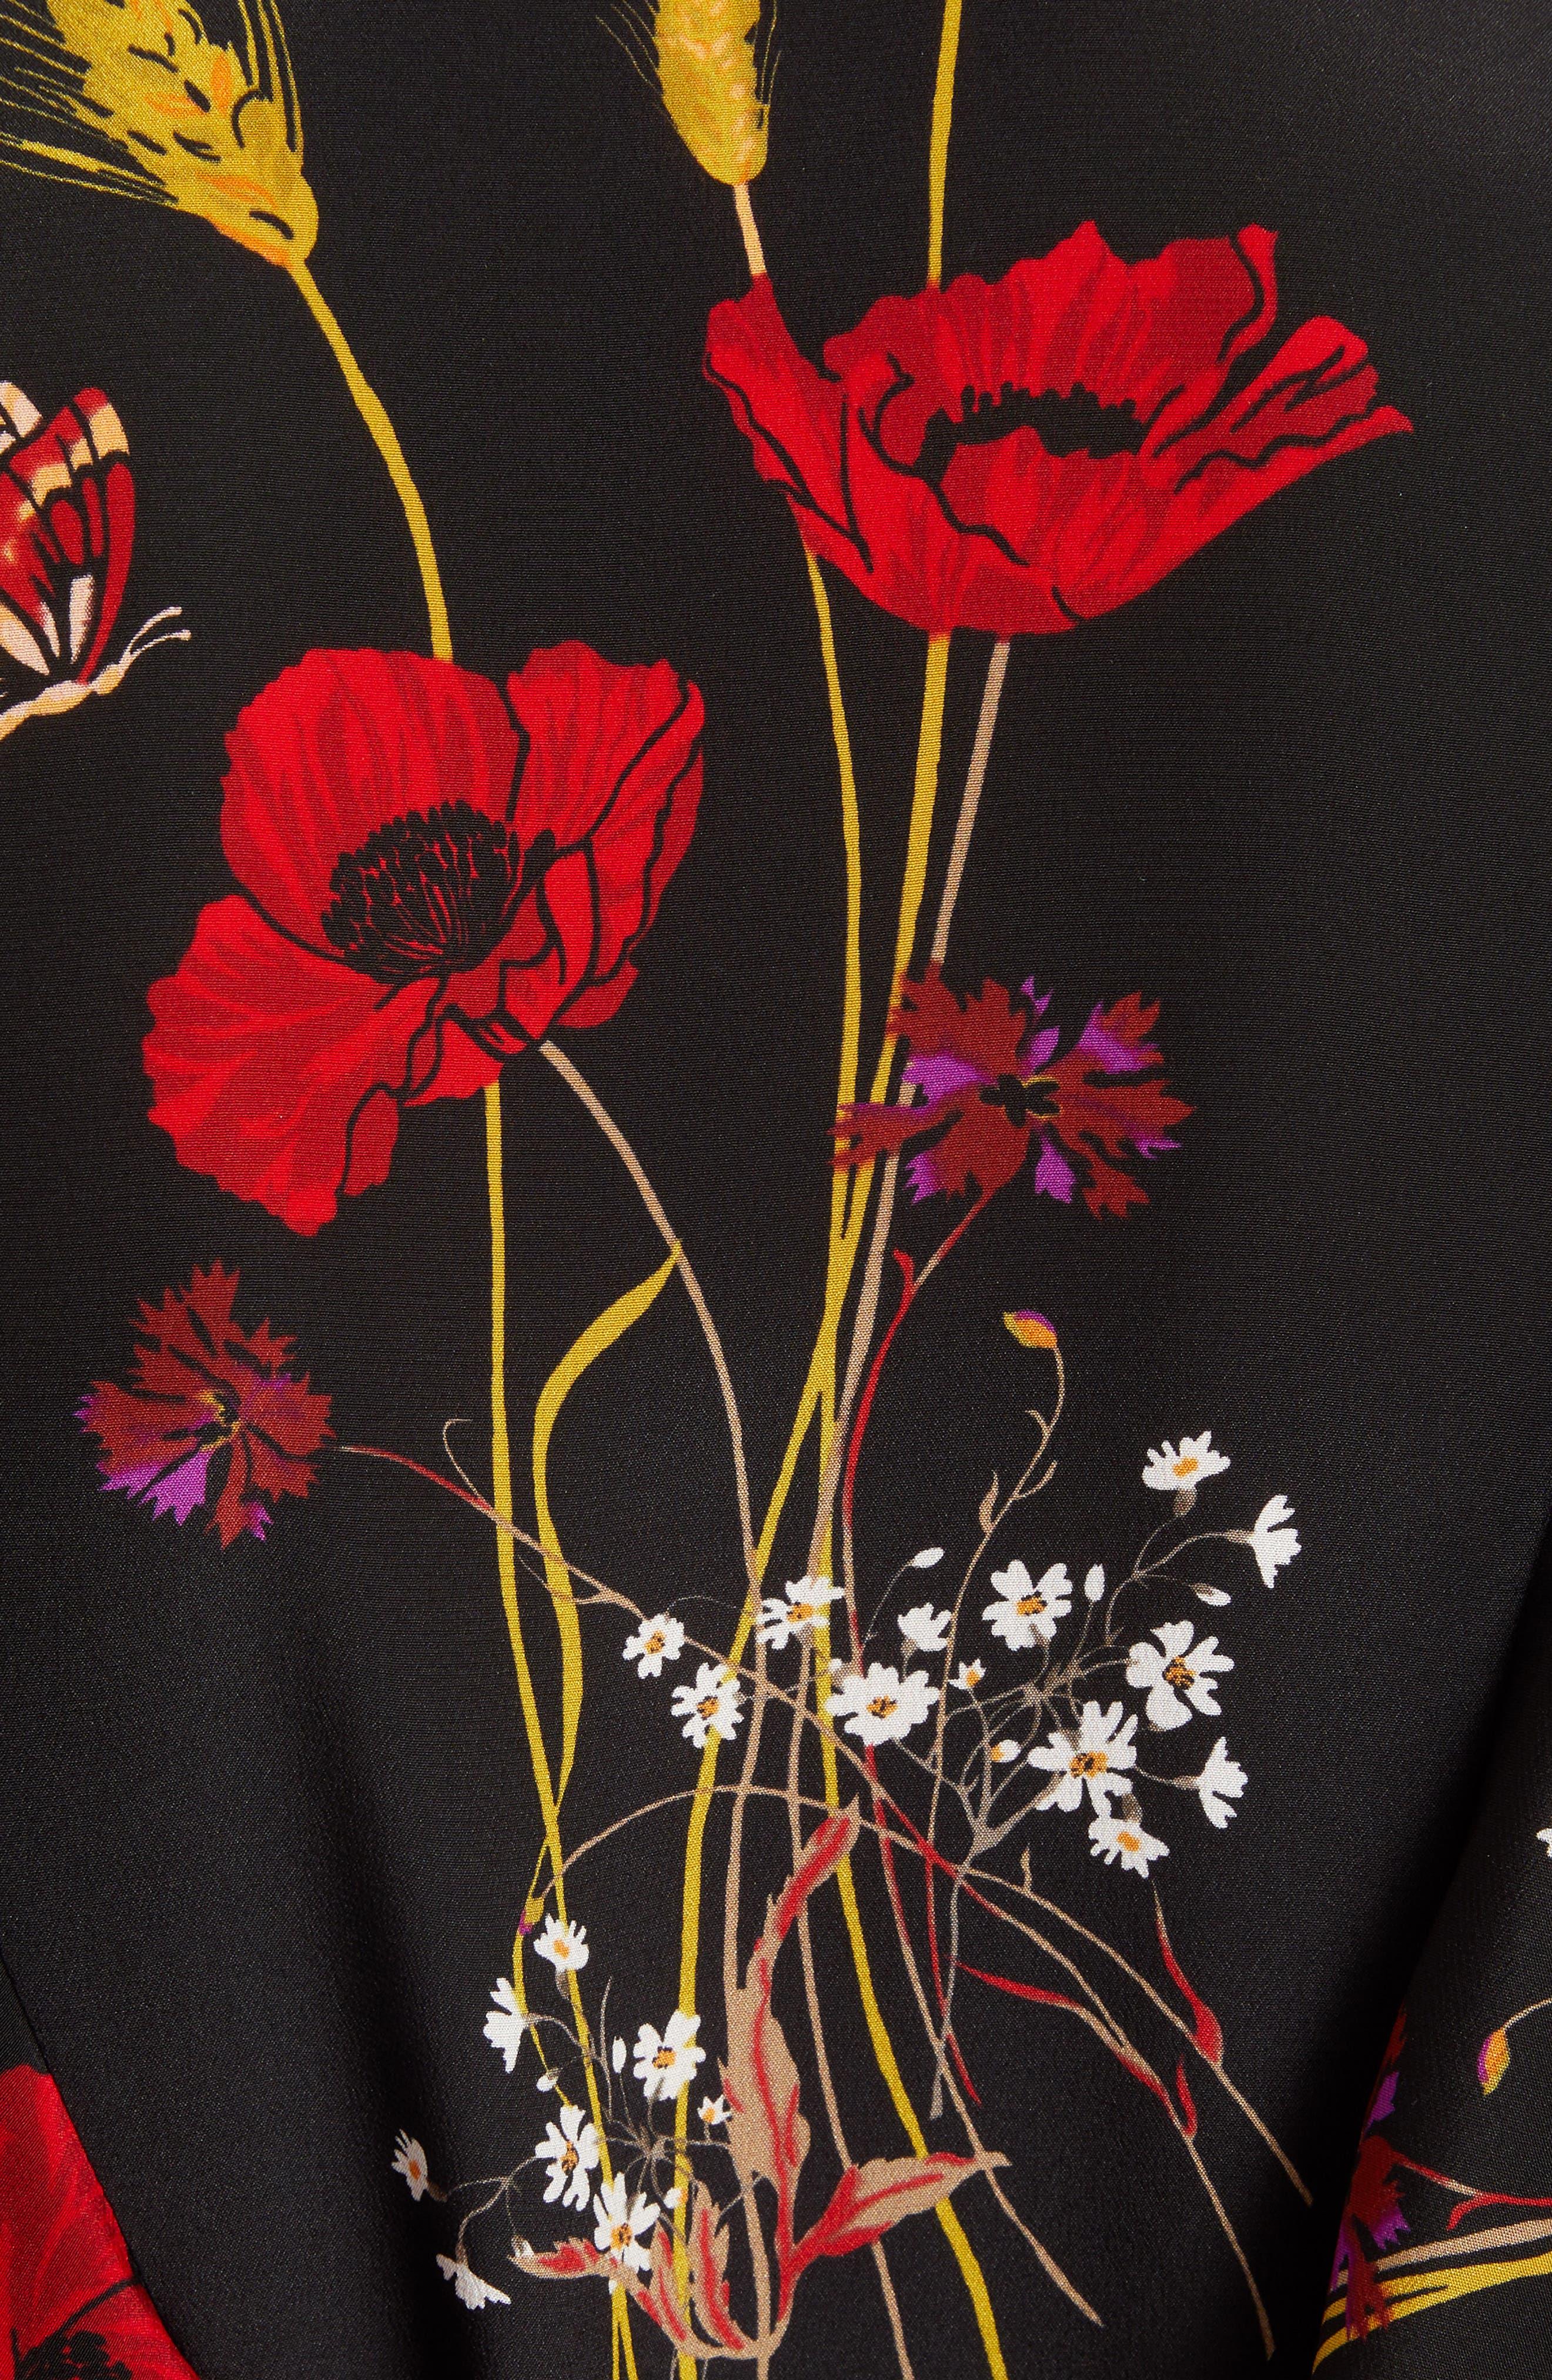 Floral Meadow Print Crêpe de Chine Faux Wrap Dress,                             Alternate thumbnail 5, color,                             BLACK/ MULTI COLOR